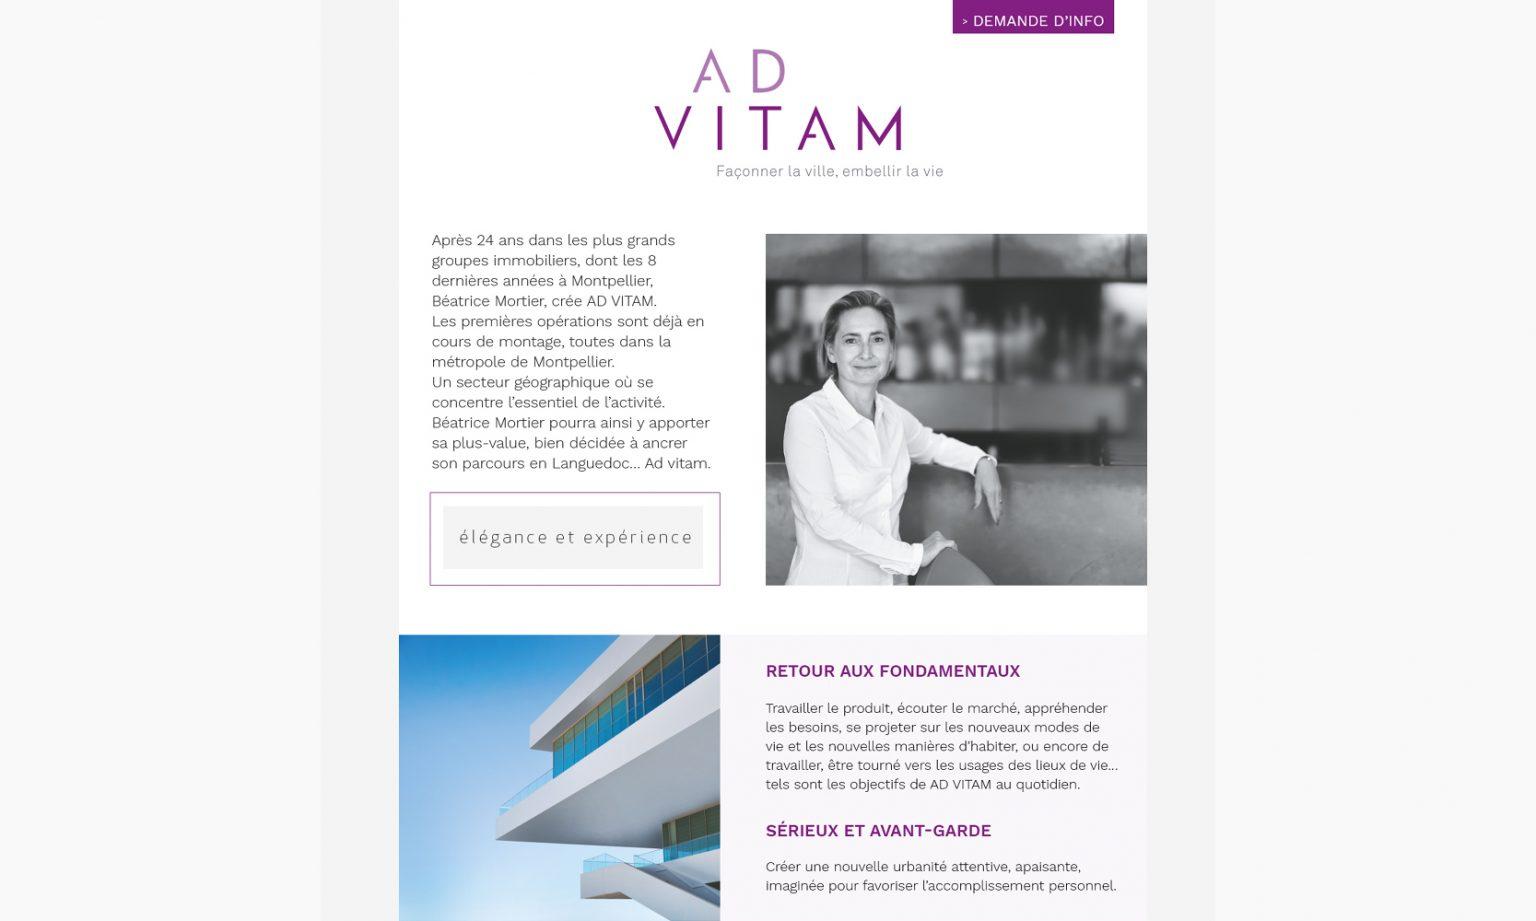 ad_vitam_identite4